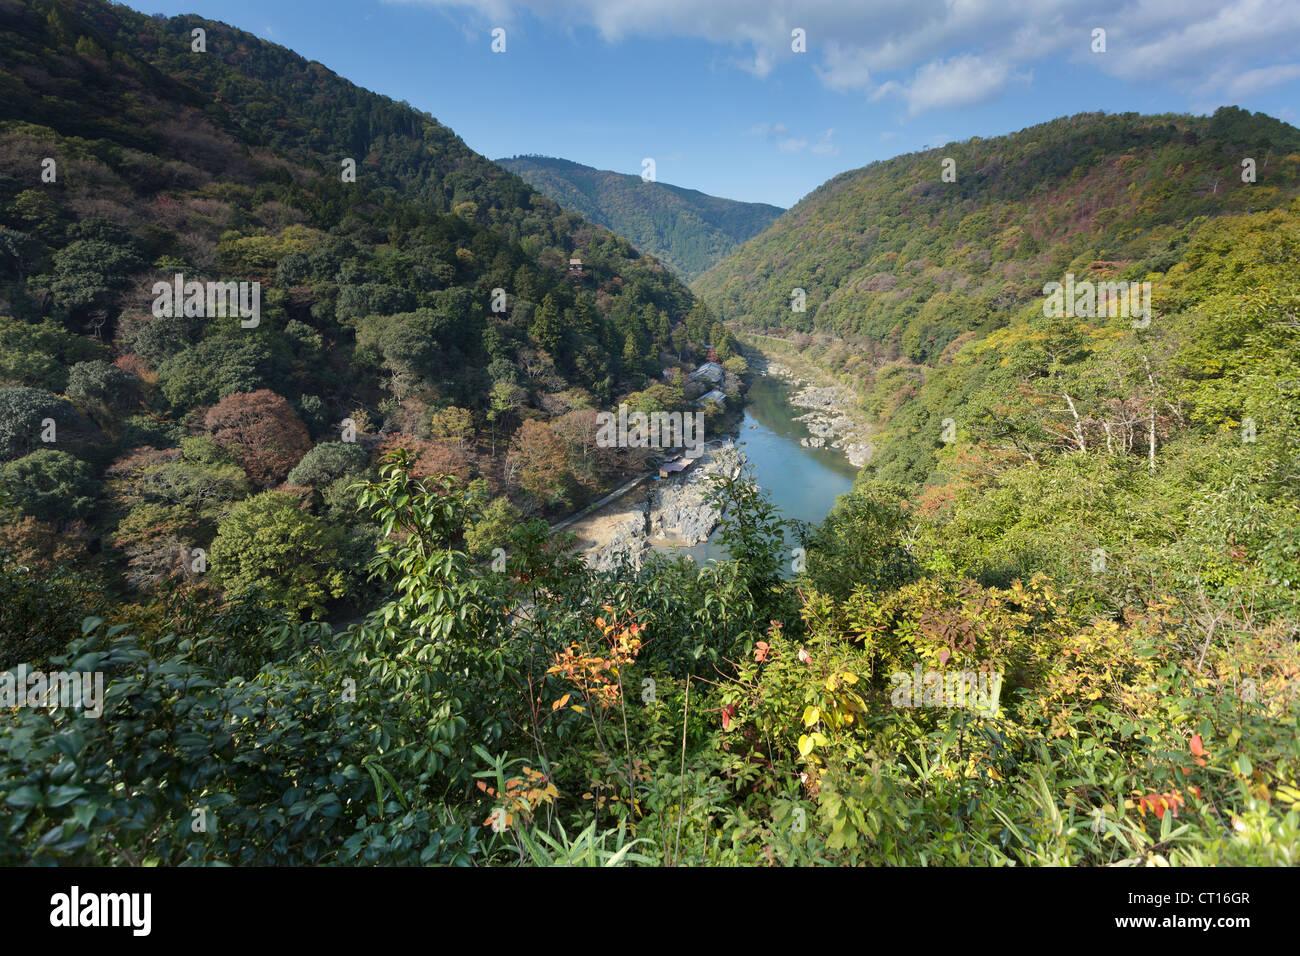 Arashiyama landscape and Hozu river, Kyoto, Japan - Stock Image